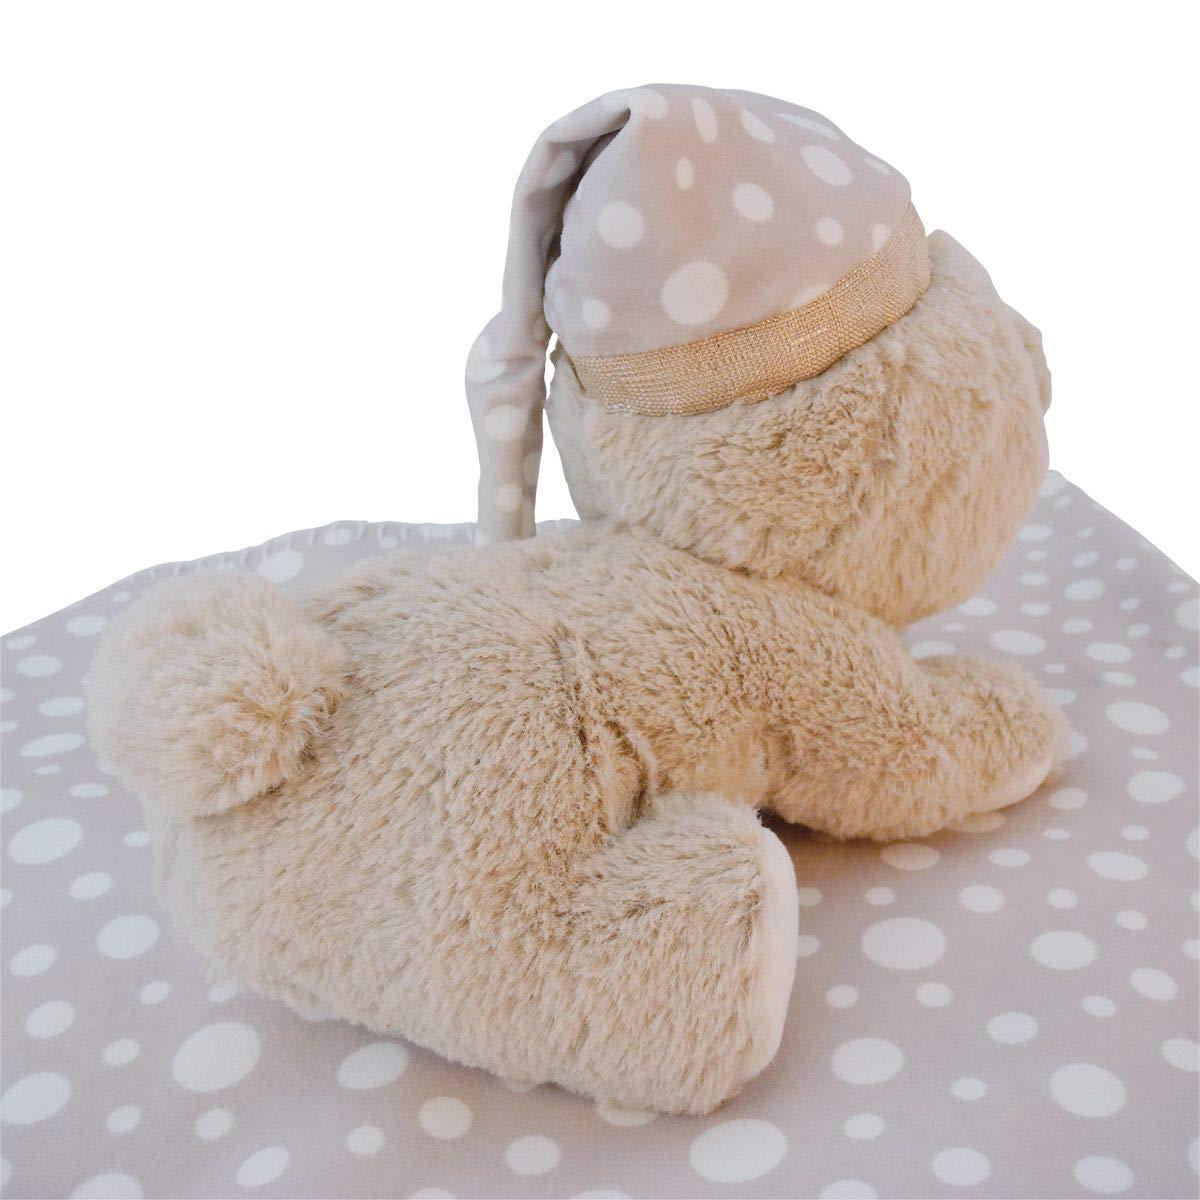 Juego de manta y oso de peluche para beb/é Bieco 38002075 Peti manta y oso de peluche, a partir de 0 meses color beige